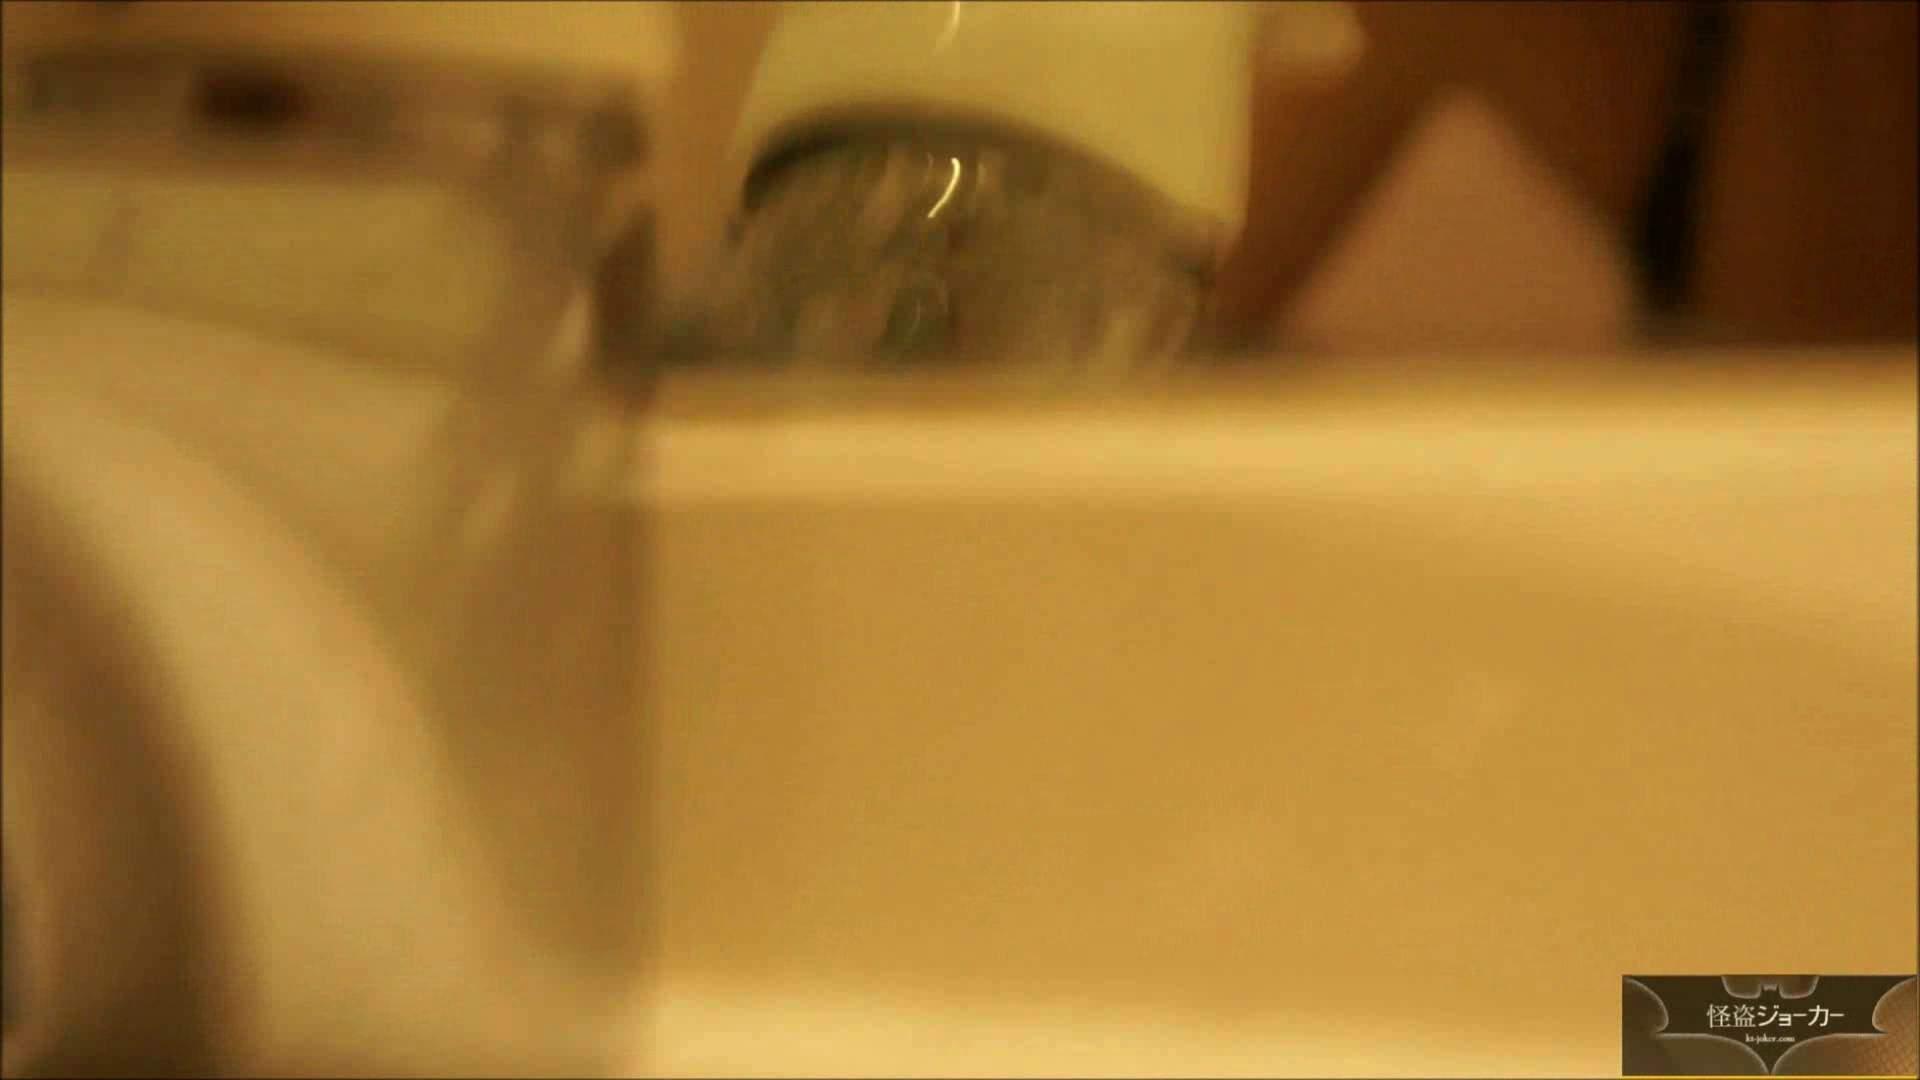 【未公開】vol.36 【援助】鏡越しの朋葉を見ながら・・・ ギャル  85PIX 54